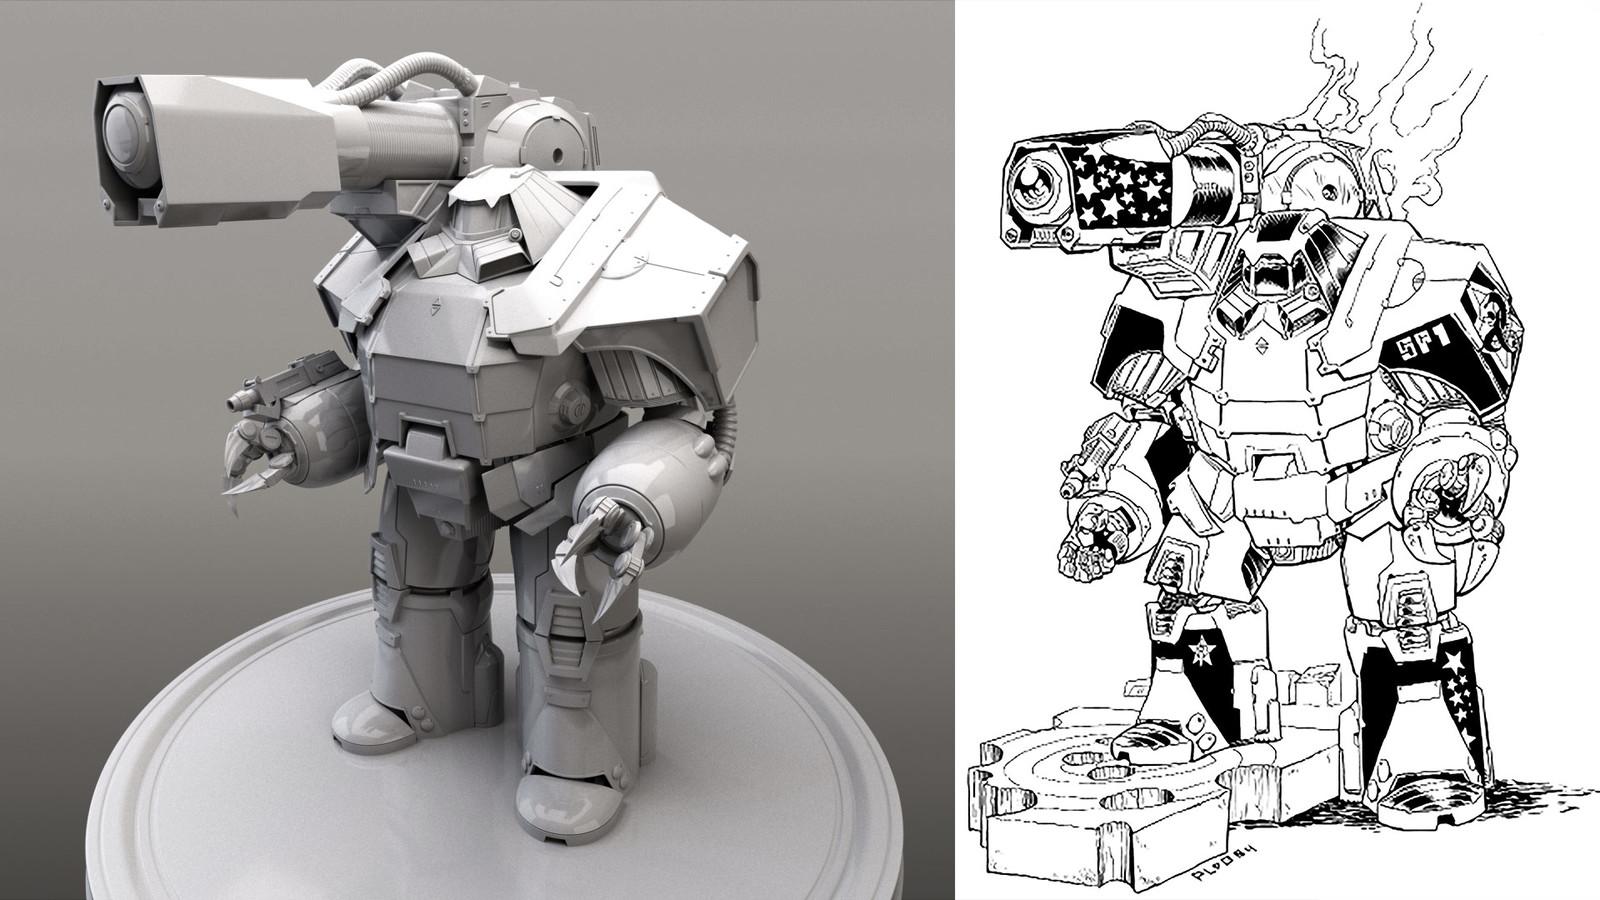 Side by side comparison. Final 3D Model > Original Concept art